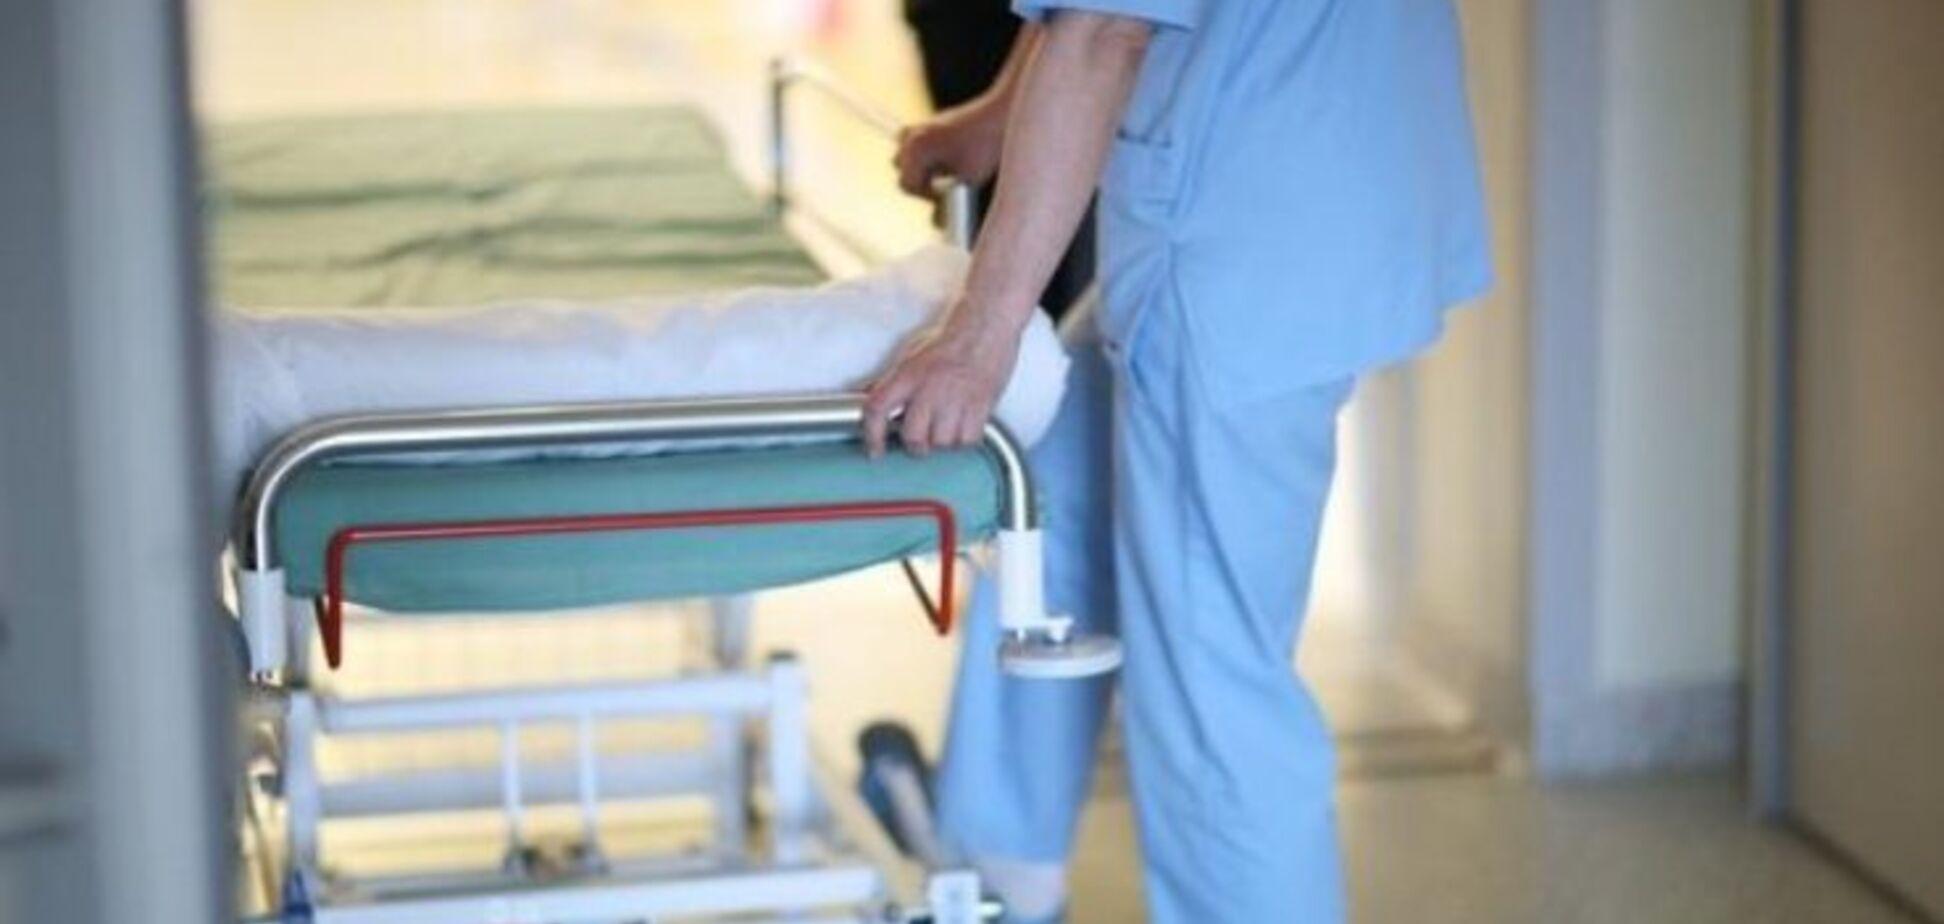 Коронавирус в 'ДНР': больницы переполнены больными на пневмонию